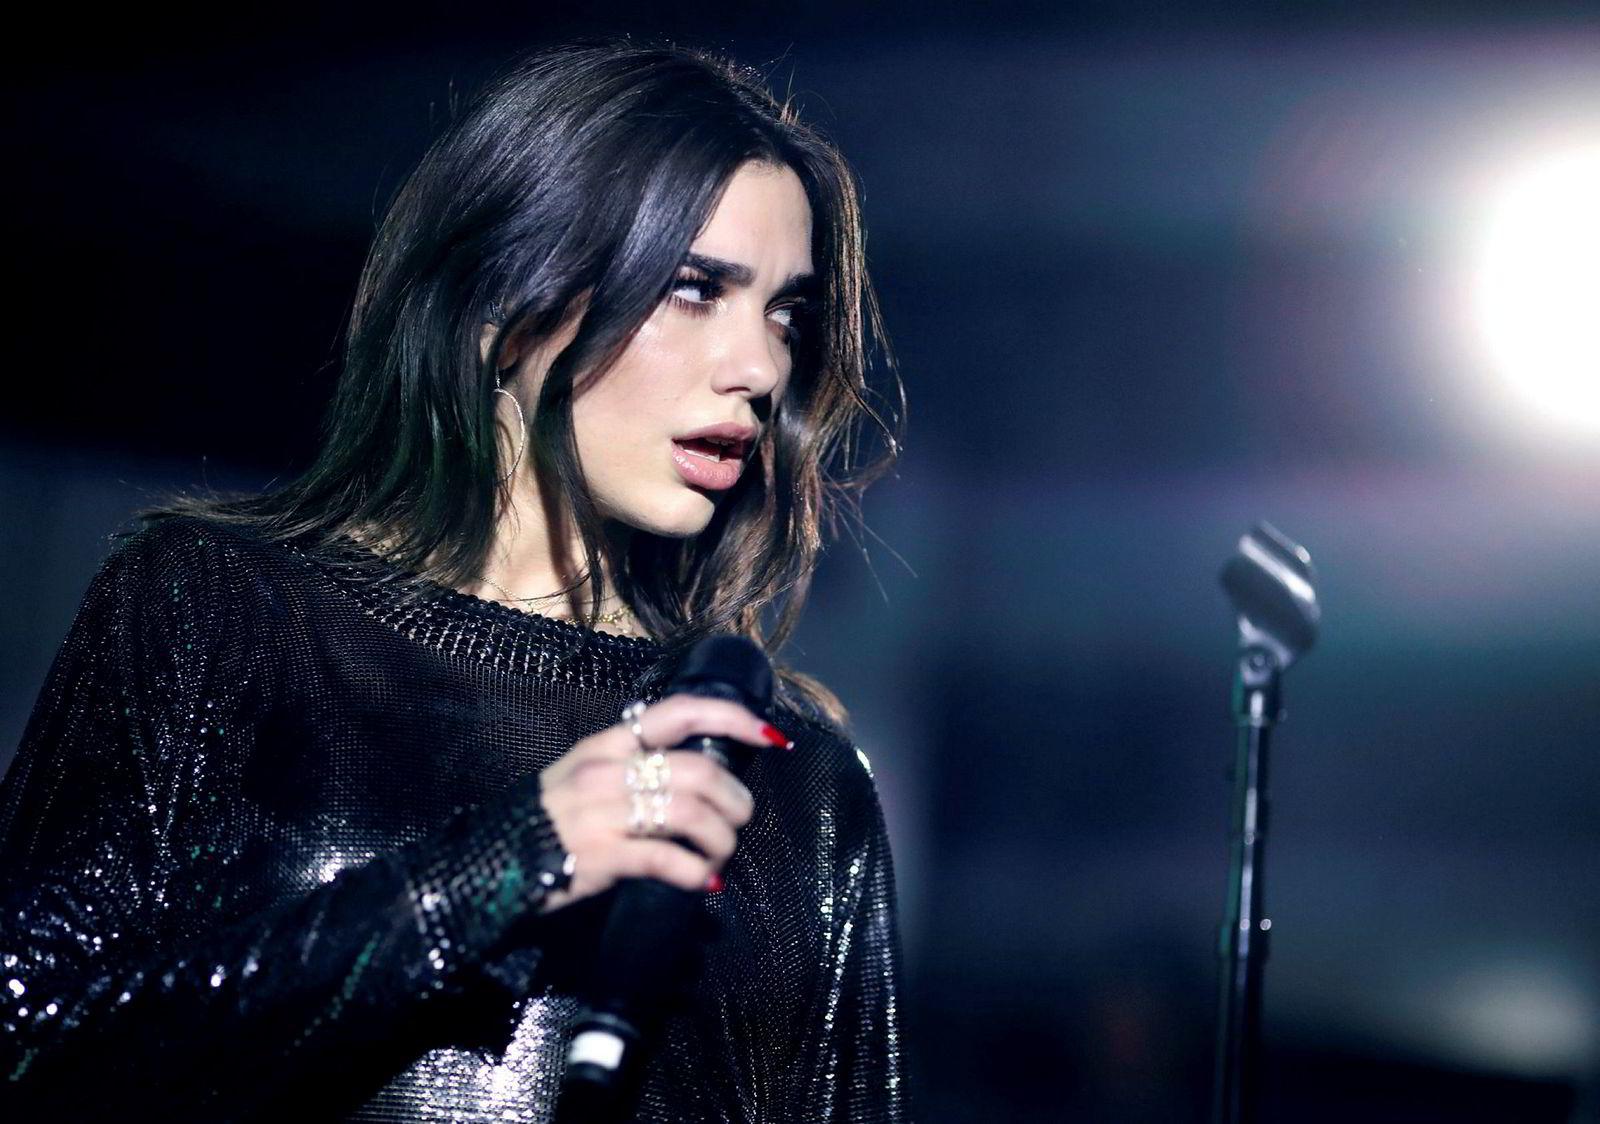 Dua Lipa topper radiolisten i USA med en låt med norsk opphavskvinne. Artisten opptrådte i New York i januar.